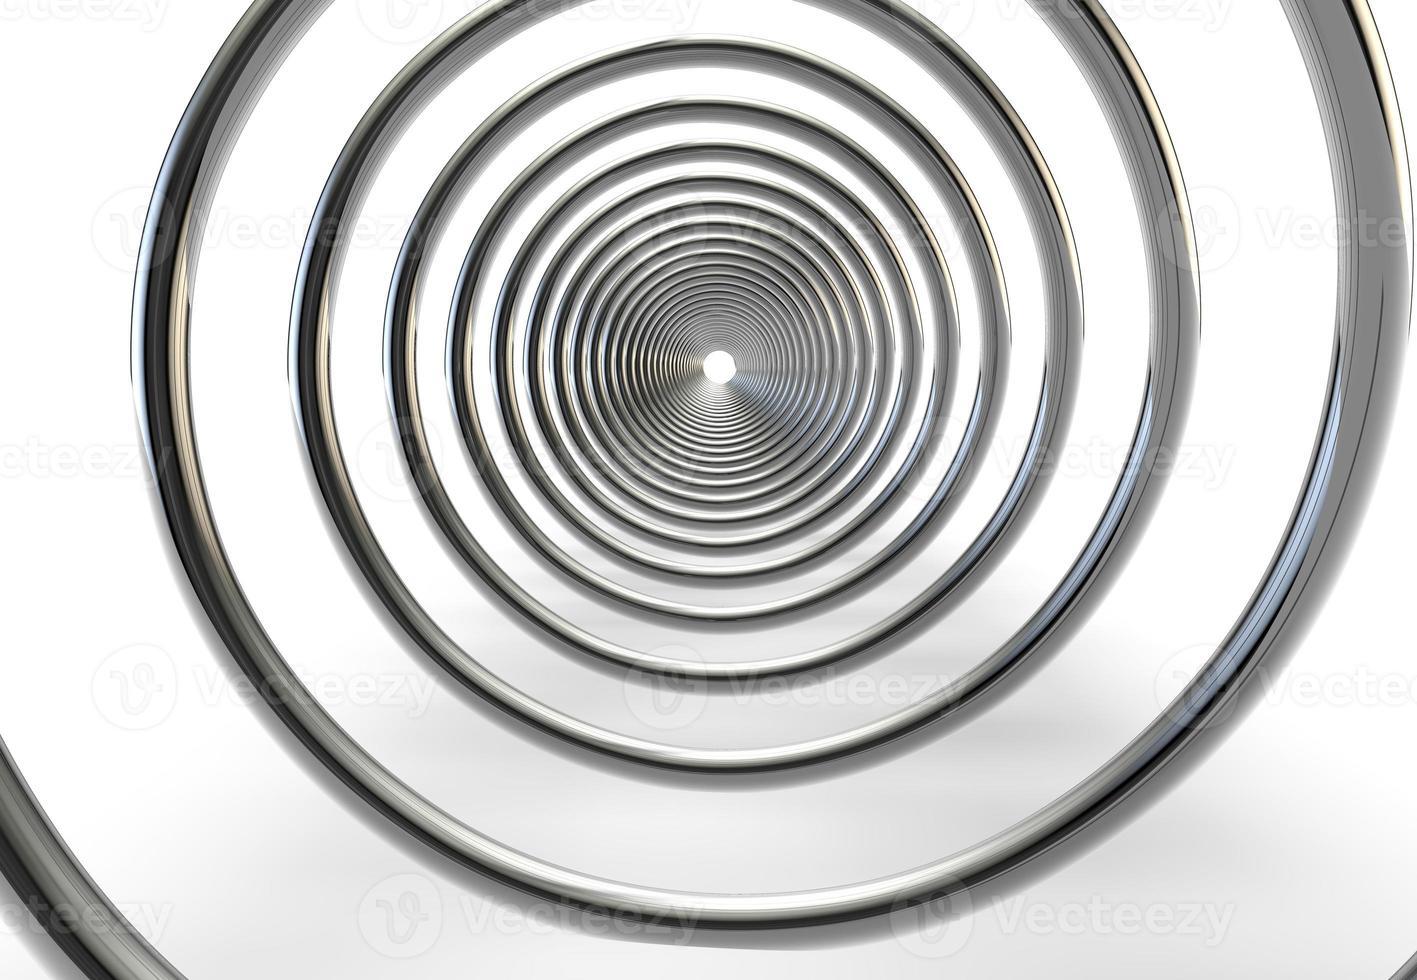 ressort en métal photo